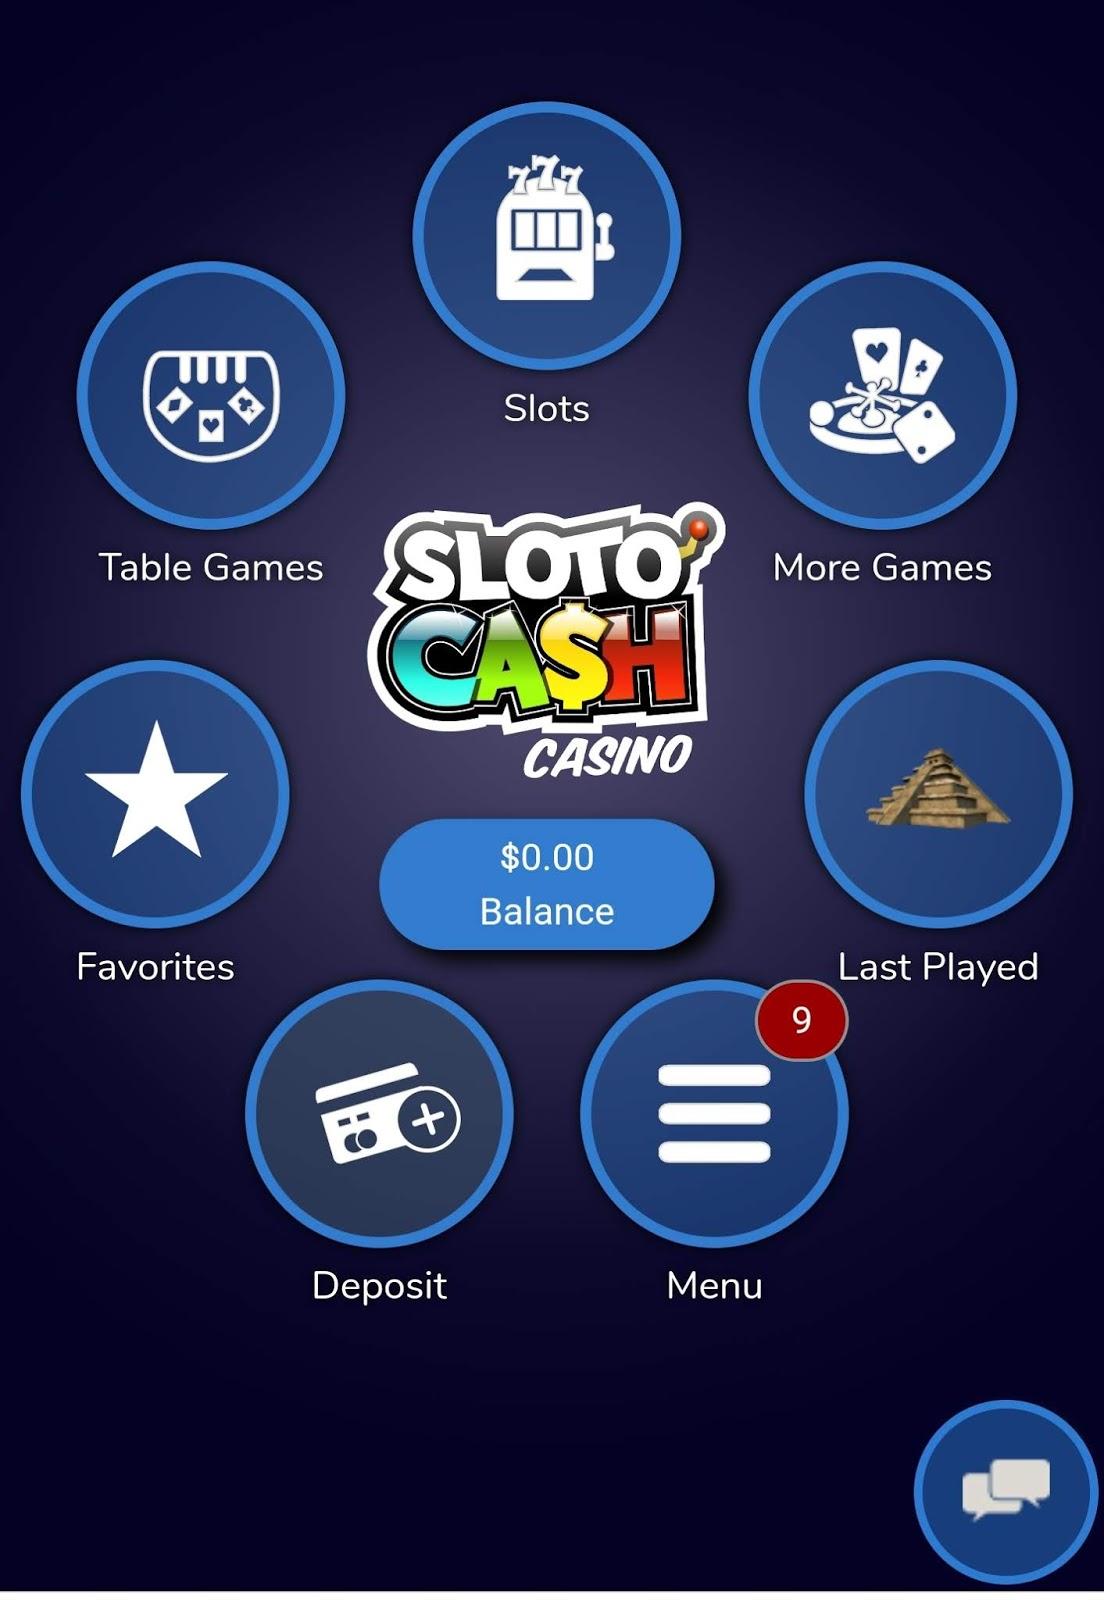 Slotocash Review